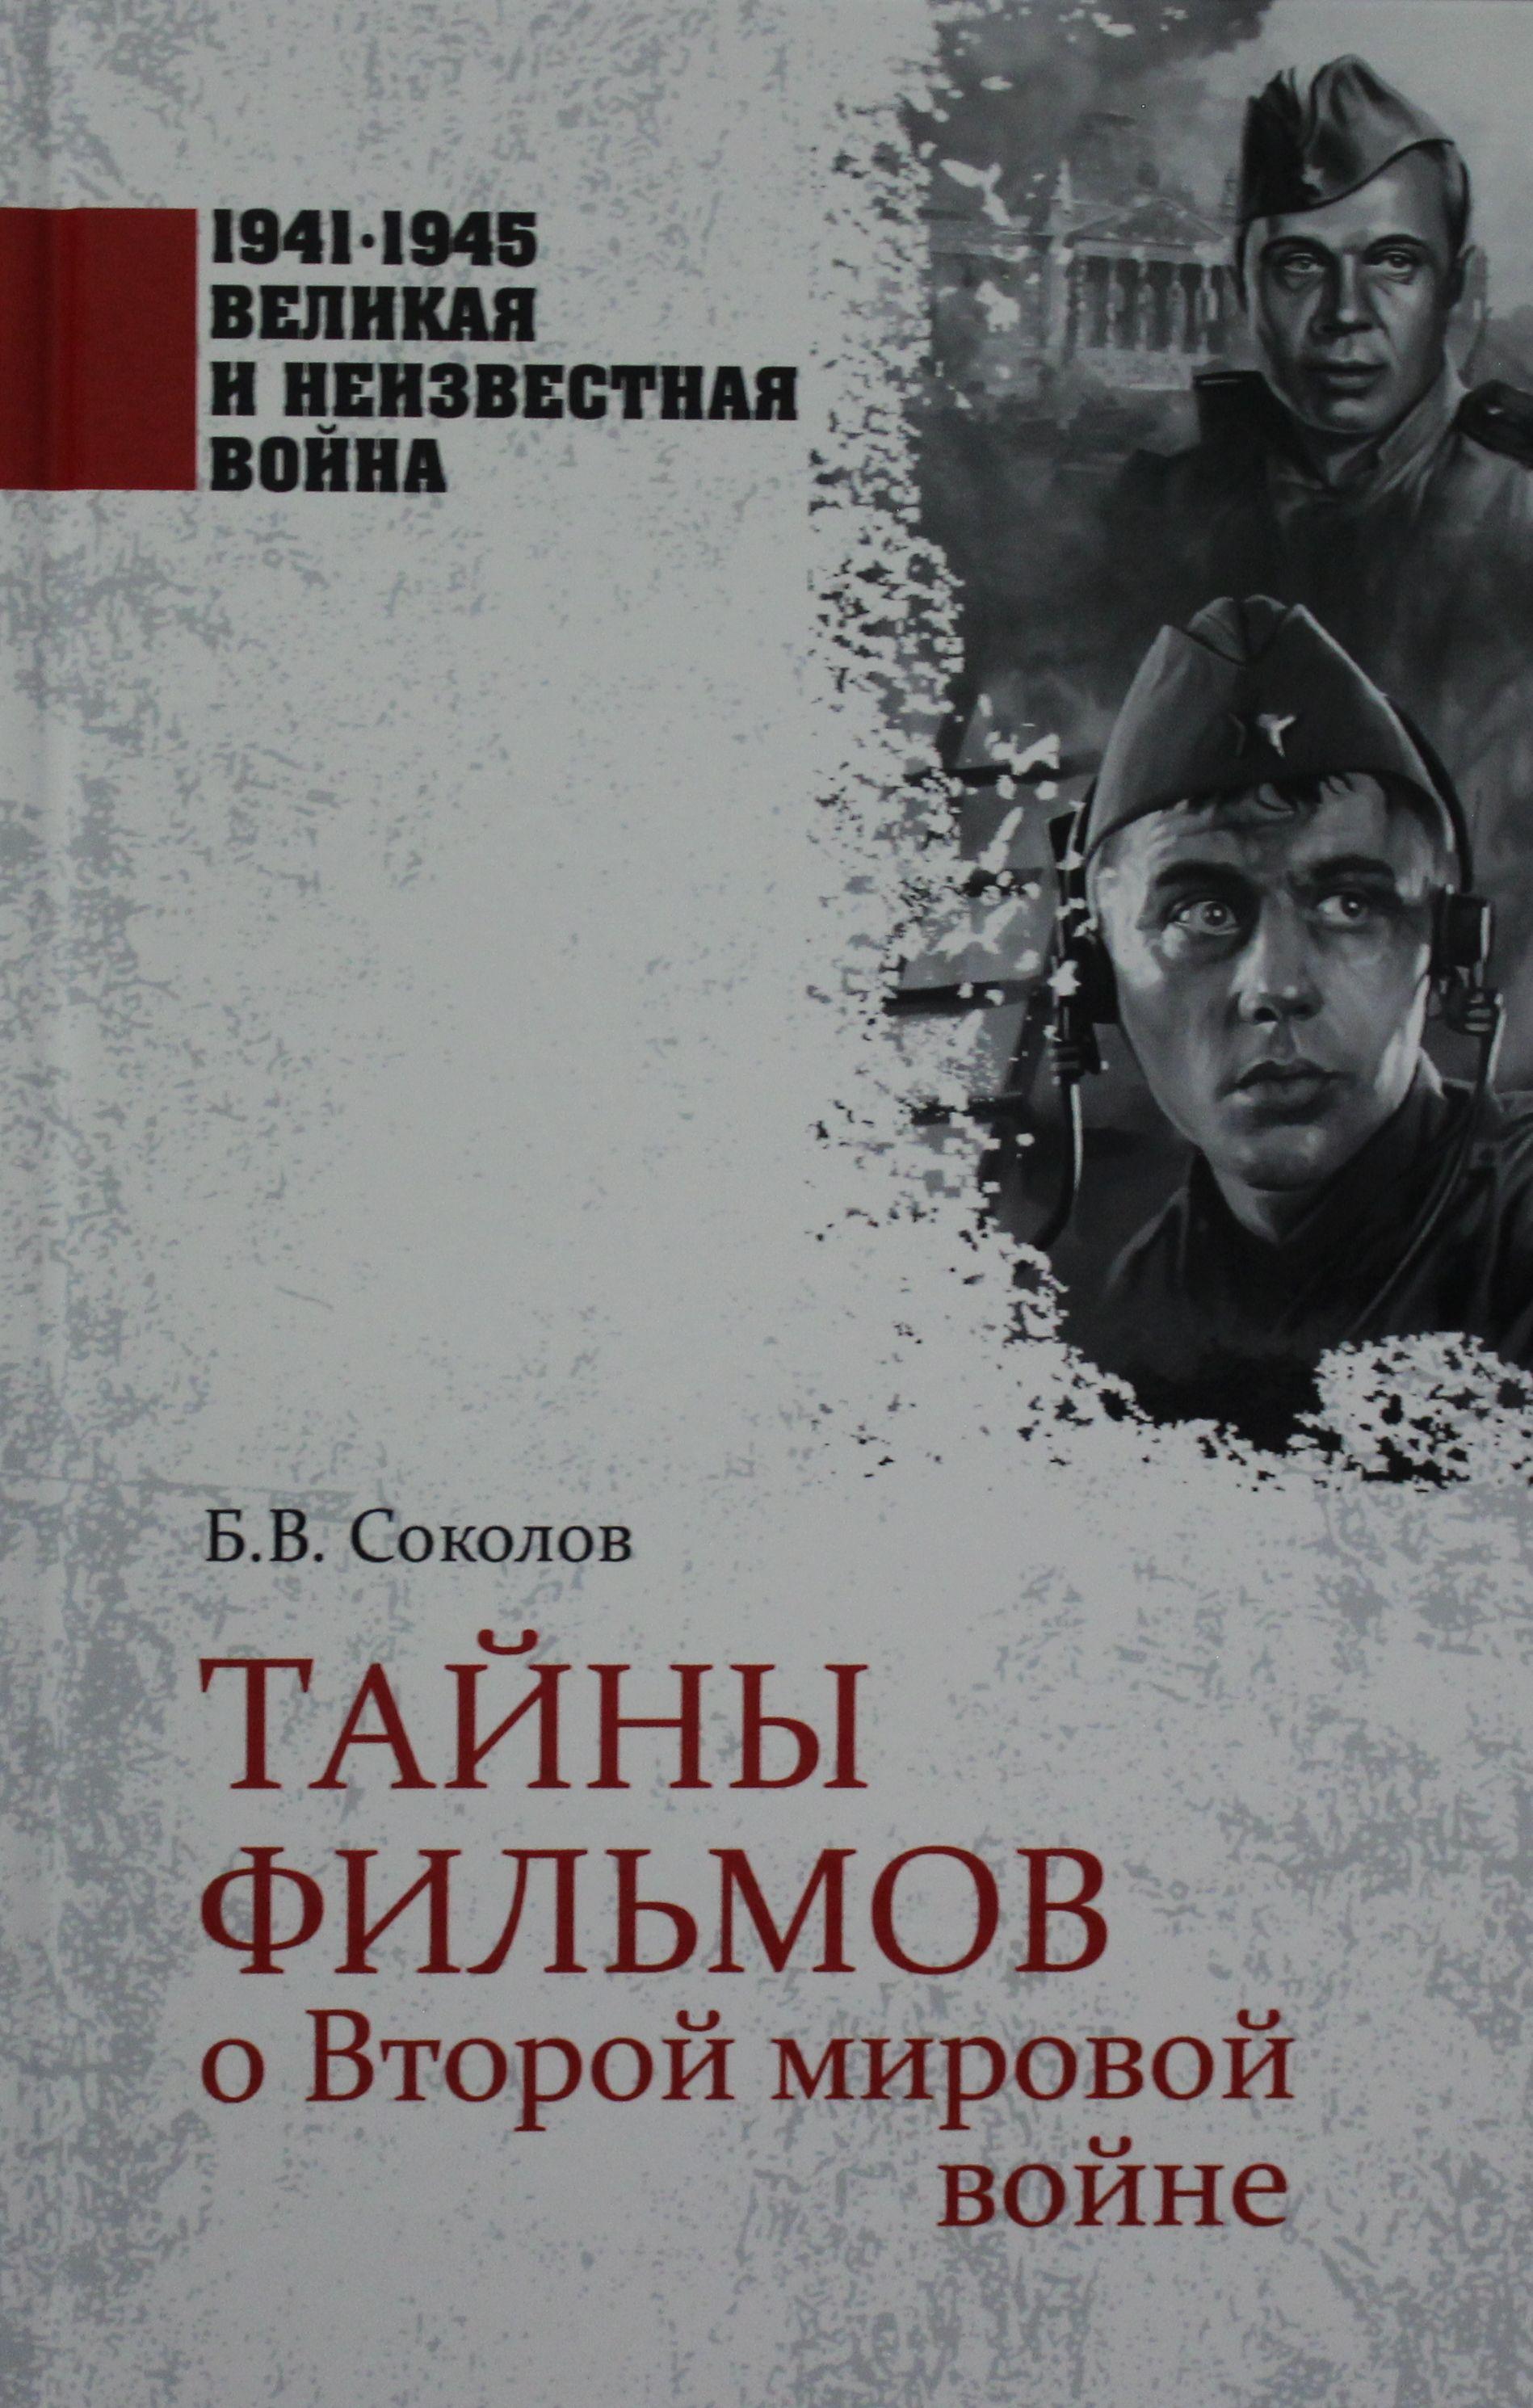 1941-1945 VINV Tajny filmov o Vtoroj mirovoj vojne